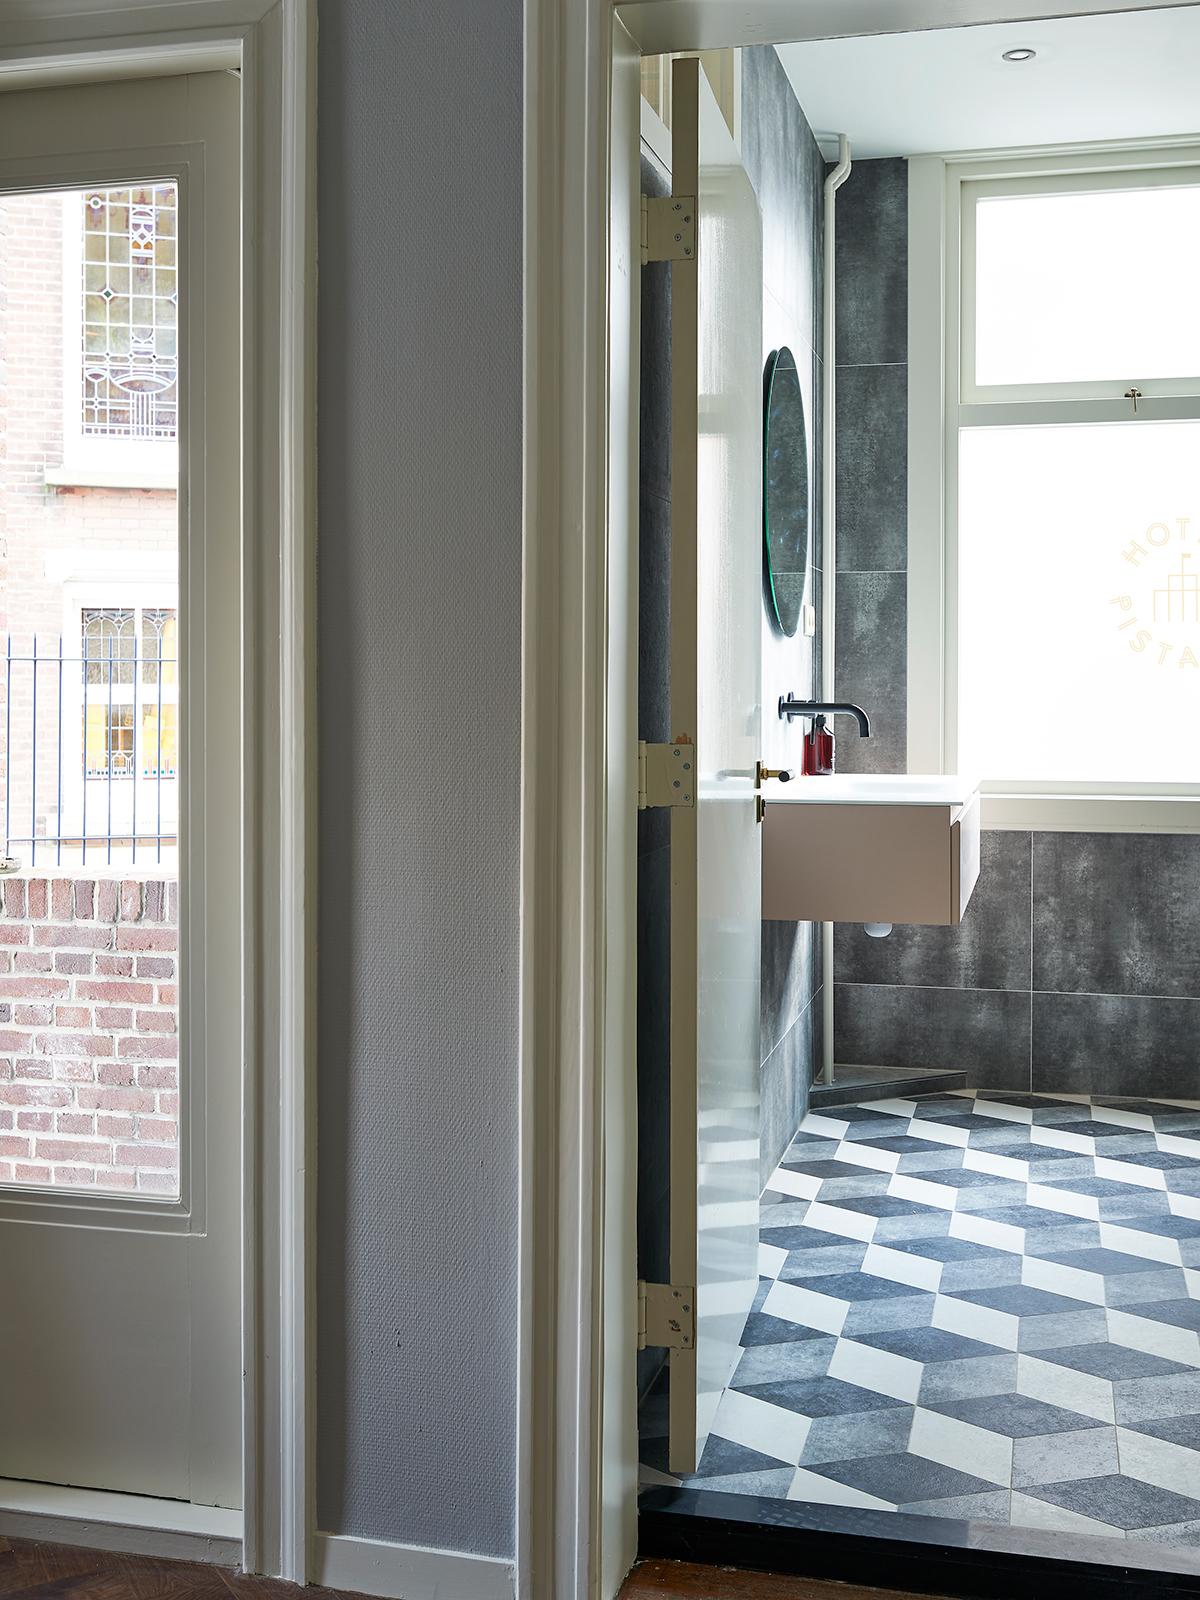 Badkamertegels met design | Kol Tegels, Pistache Hotel, Den Haag